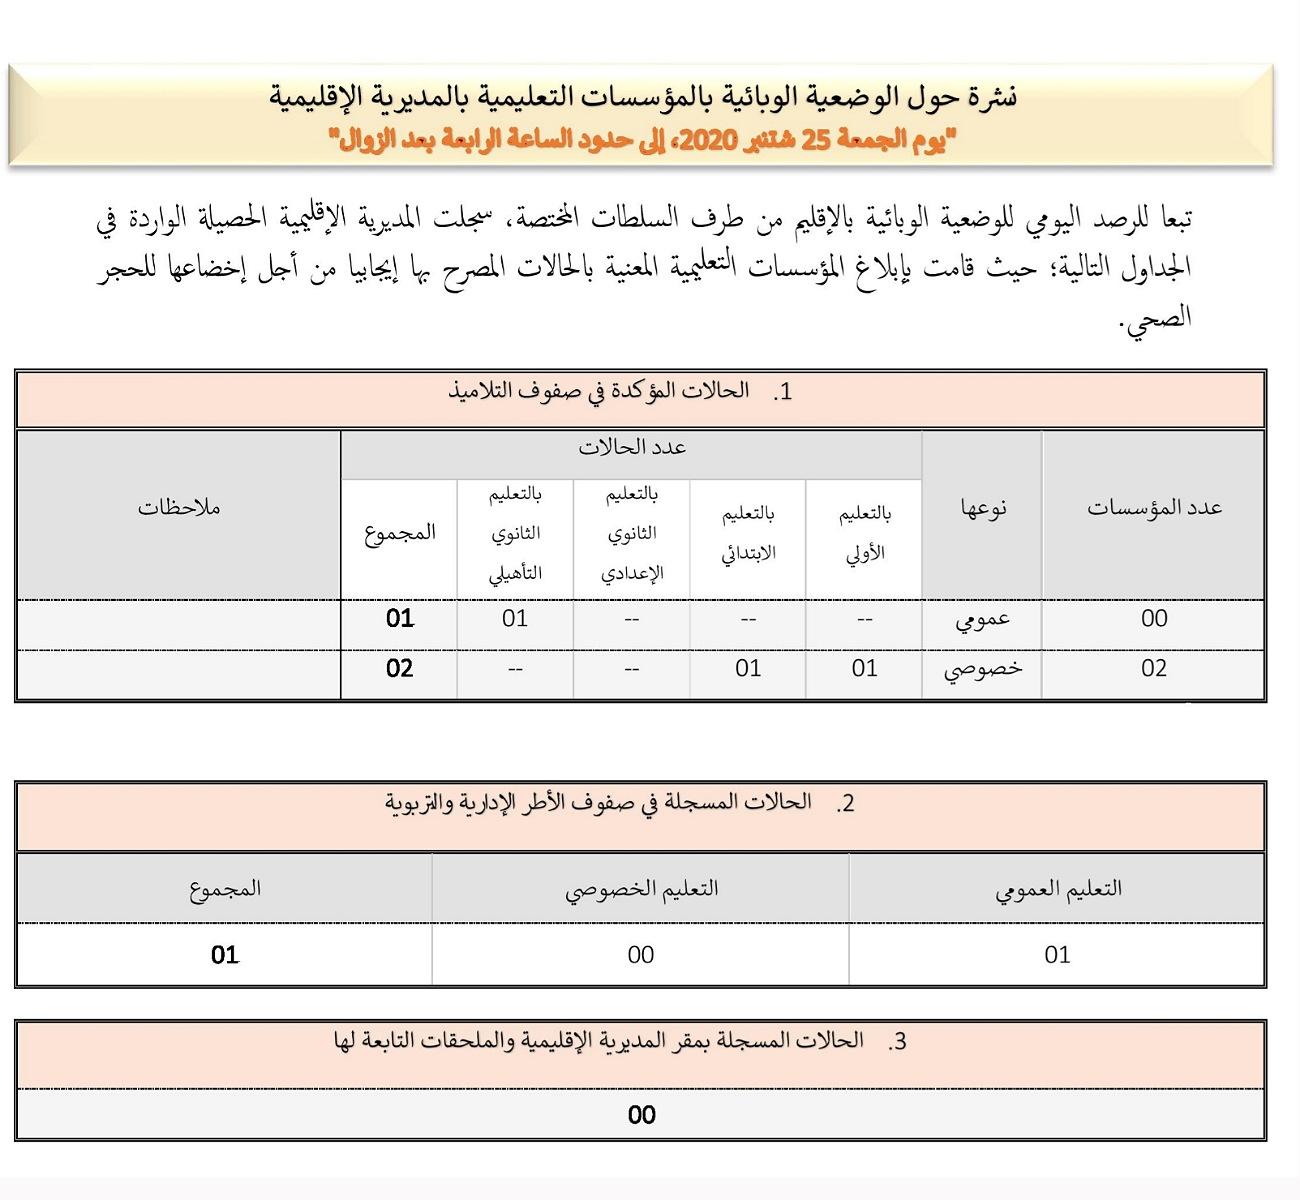 حصيلة كوفيد اليومية بقطاع التعليم بالجديدة : 4 اصابات جديدة في صفوف التلاميذ والأطر التربوية